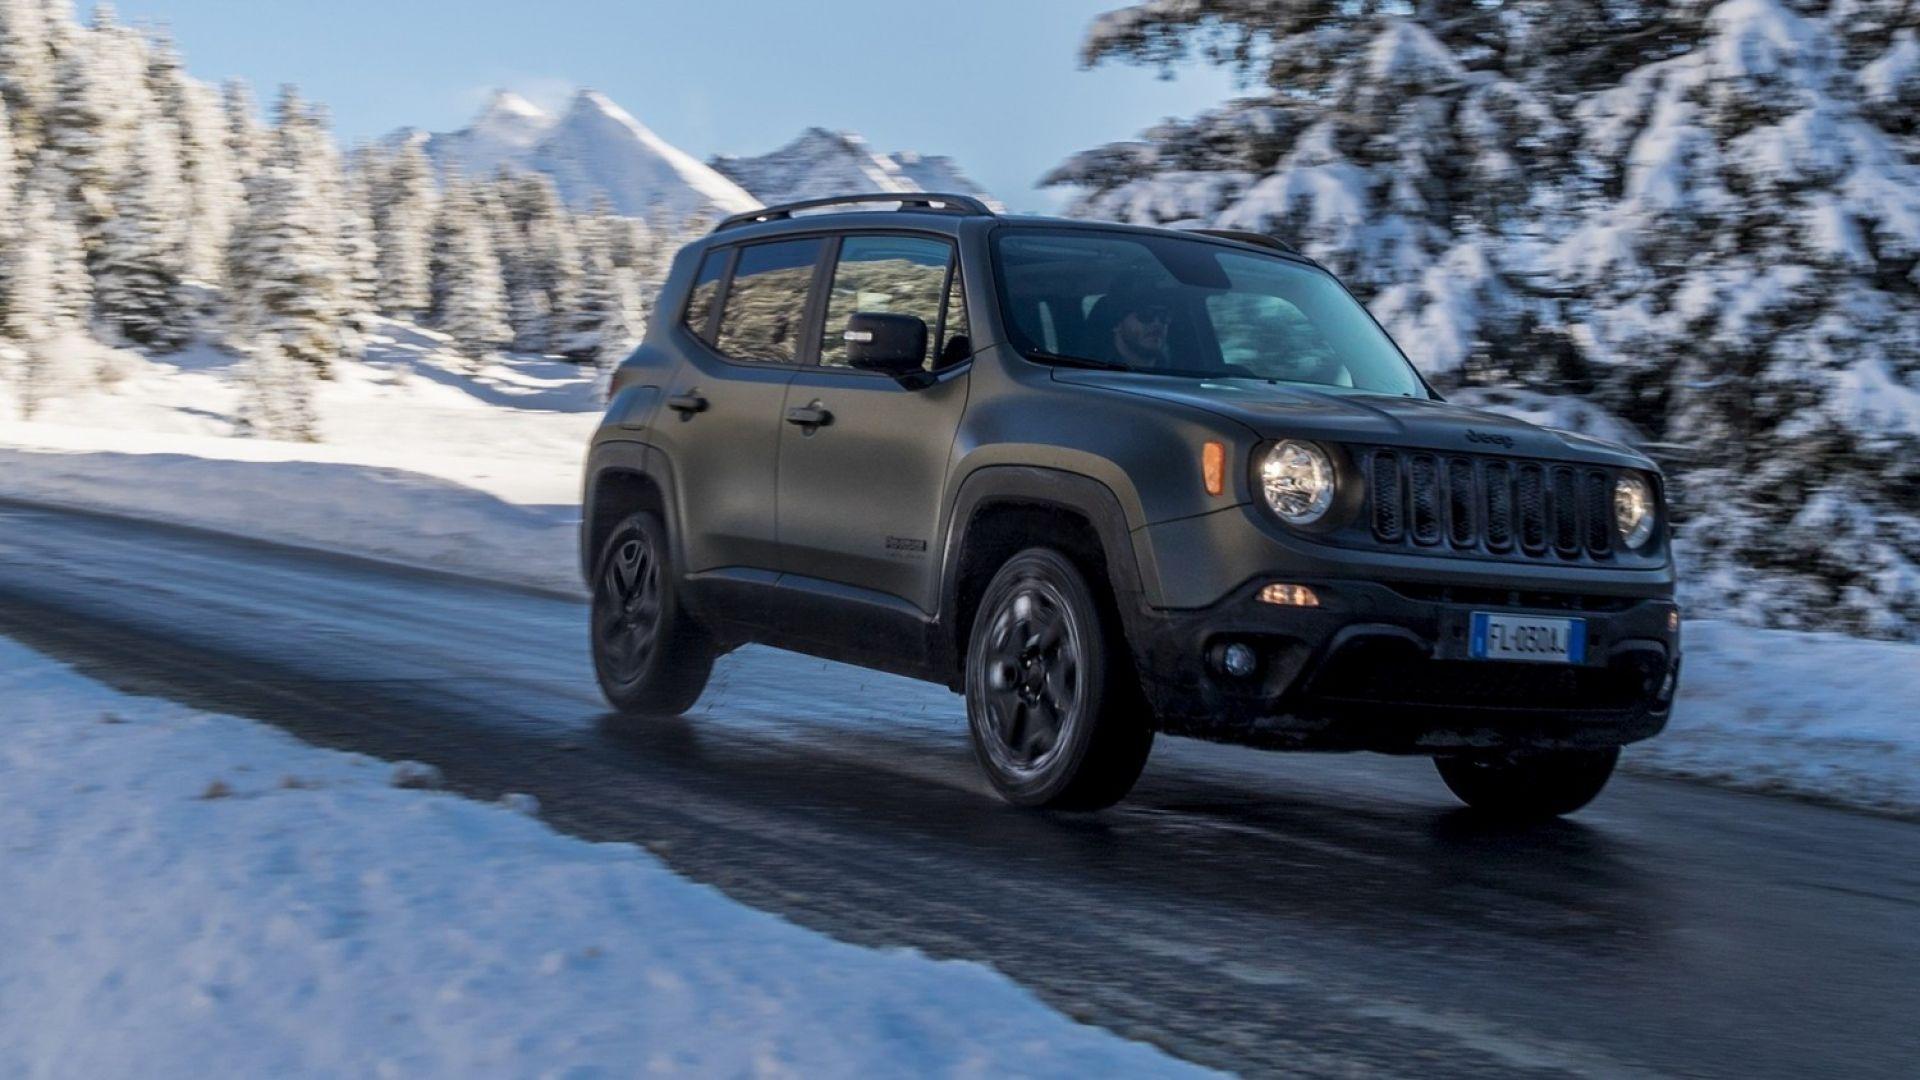 Nuova Jeep Renegade 2018 >> Nuova Jeep Renegade 2018 Ecco Come Cambia Con Il Restyling Motorbox